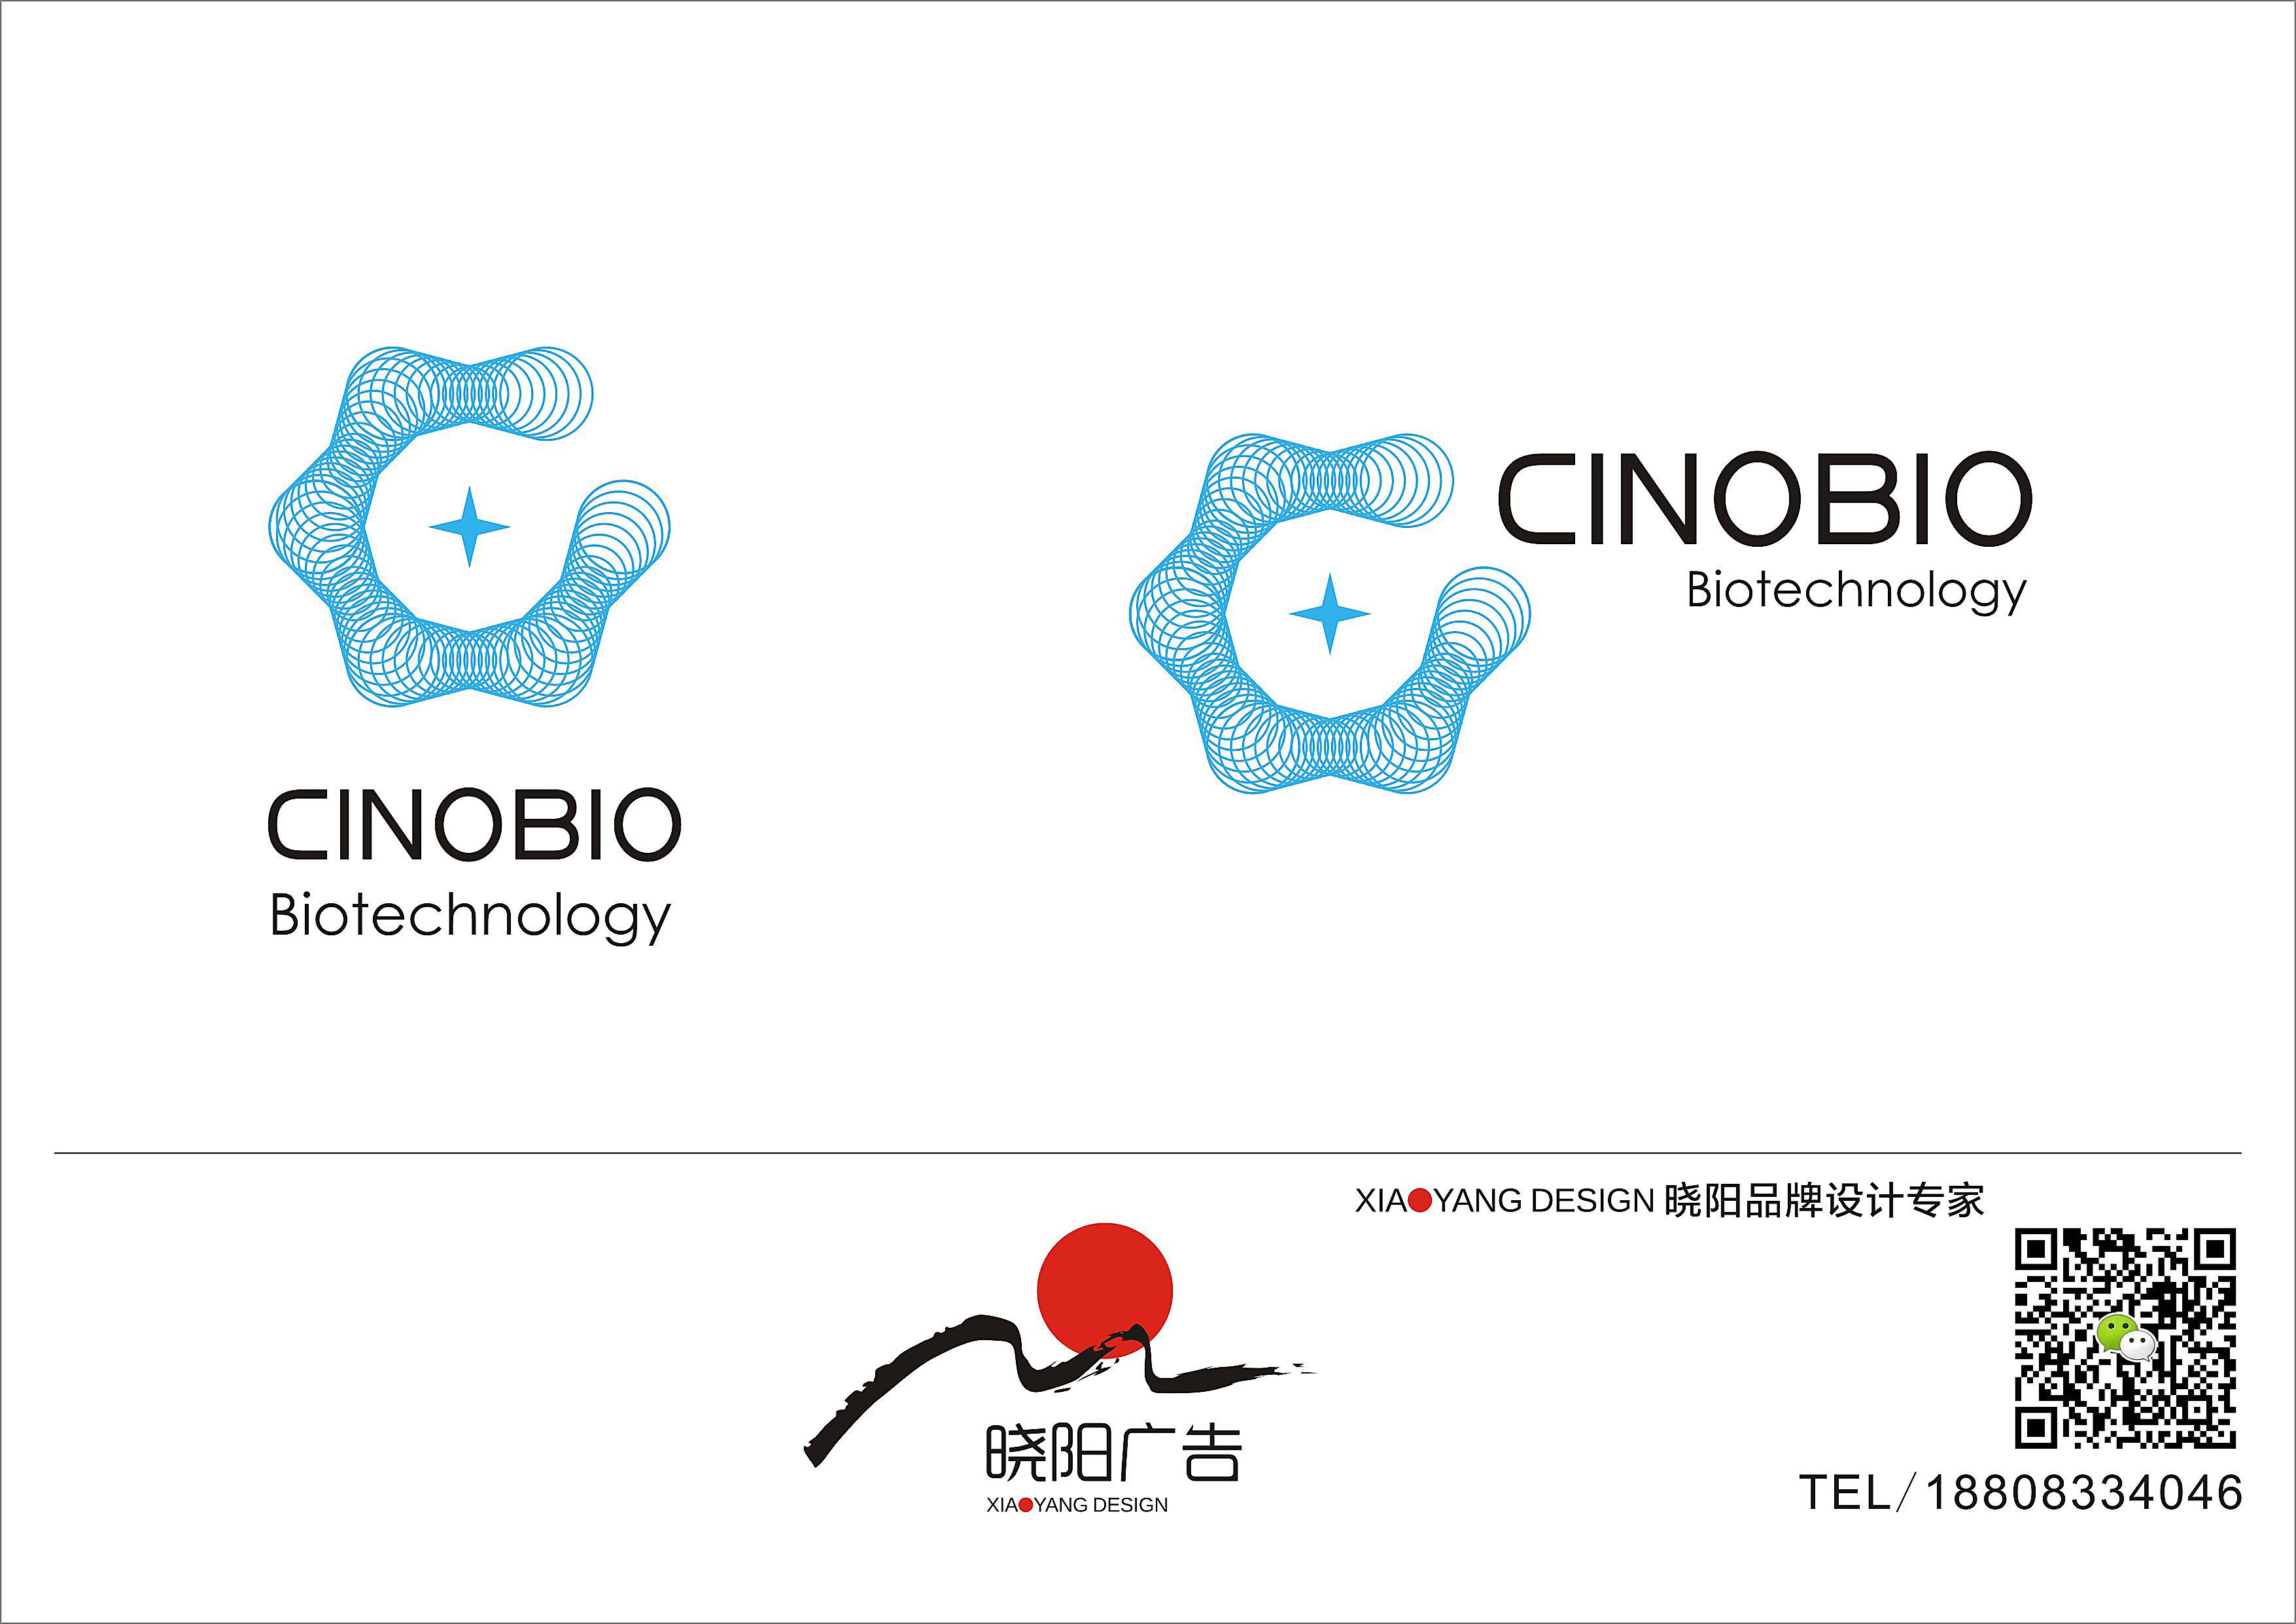 微生物科技公司logo设计_3018598_k68威客网